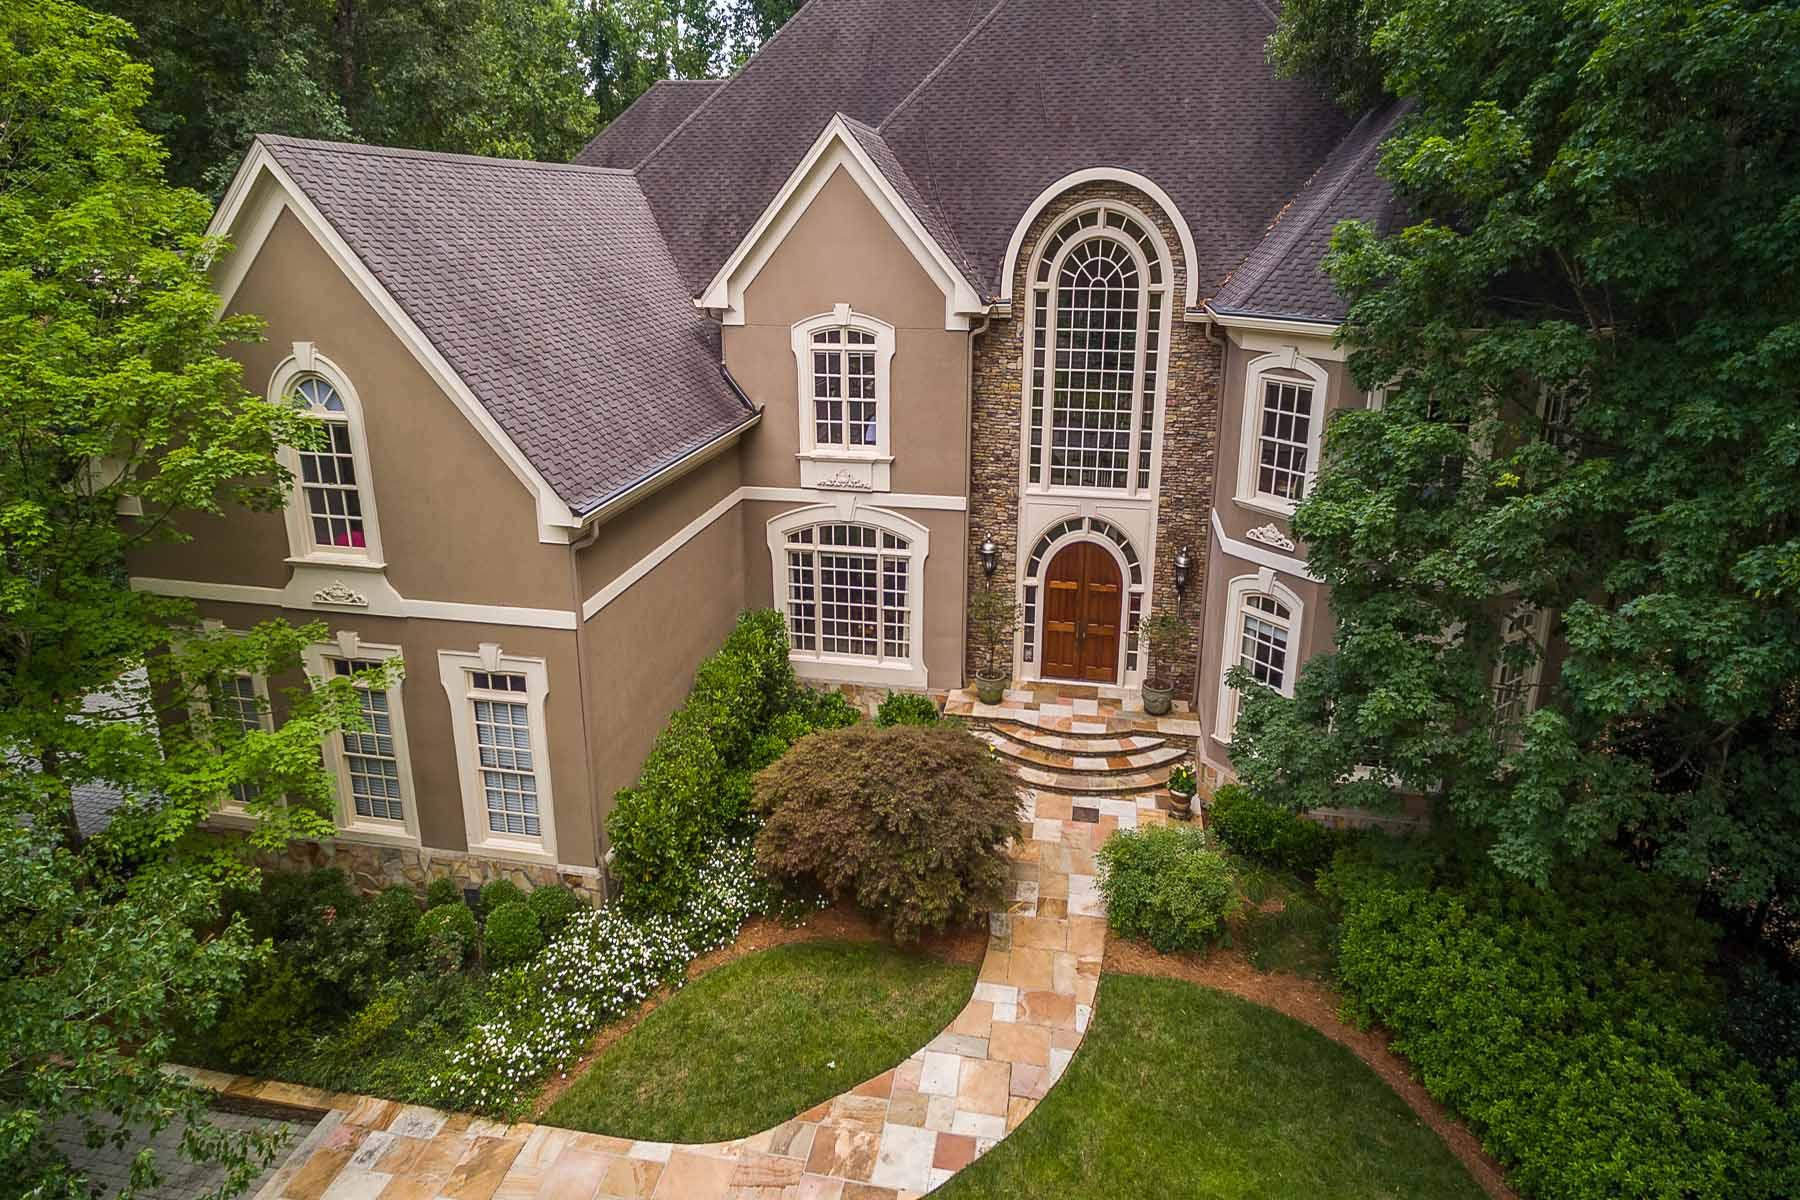 Maison unifamiliale pour l Vente à One Acre River Lot With Beautiful Views 5415 Chelsen Wood Drive Johns Creek, Georgia, 30097 États-Unis